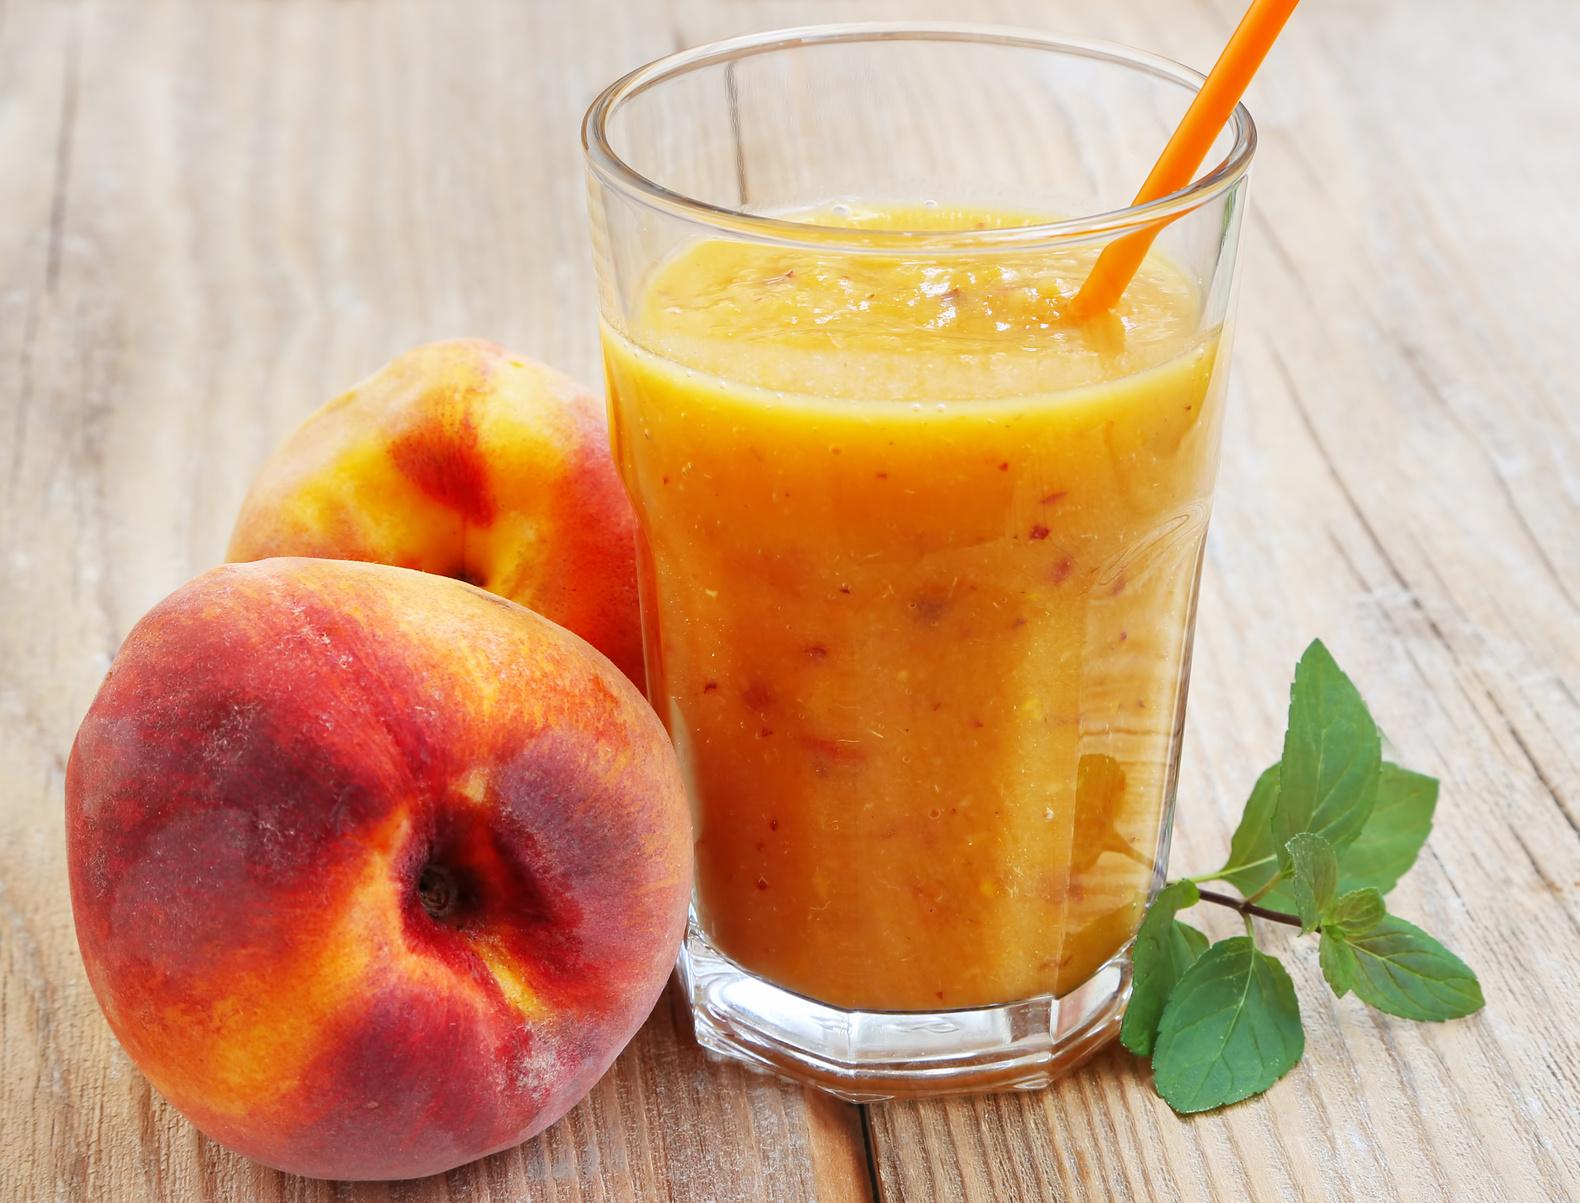 succhi di frutta fatti in casa 3 idee sane e dissetanti